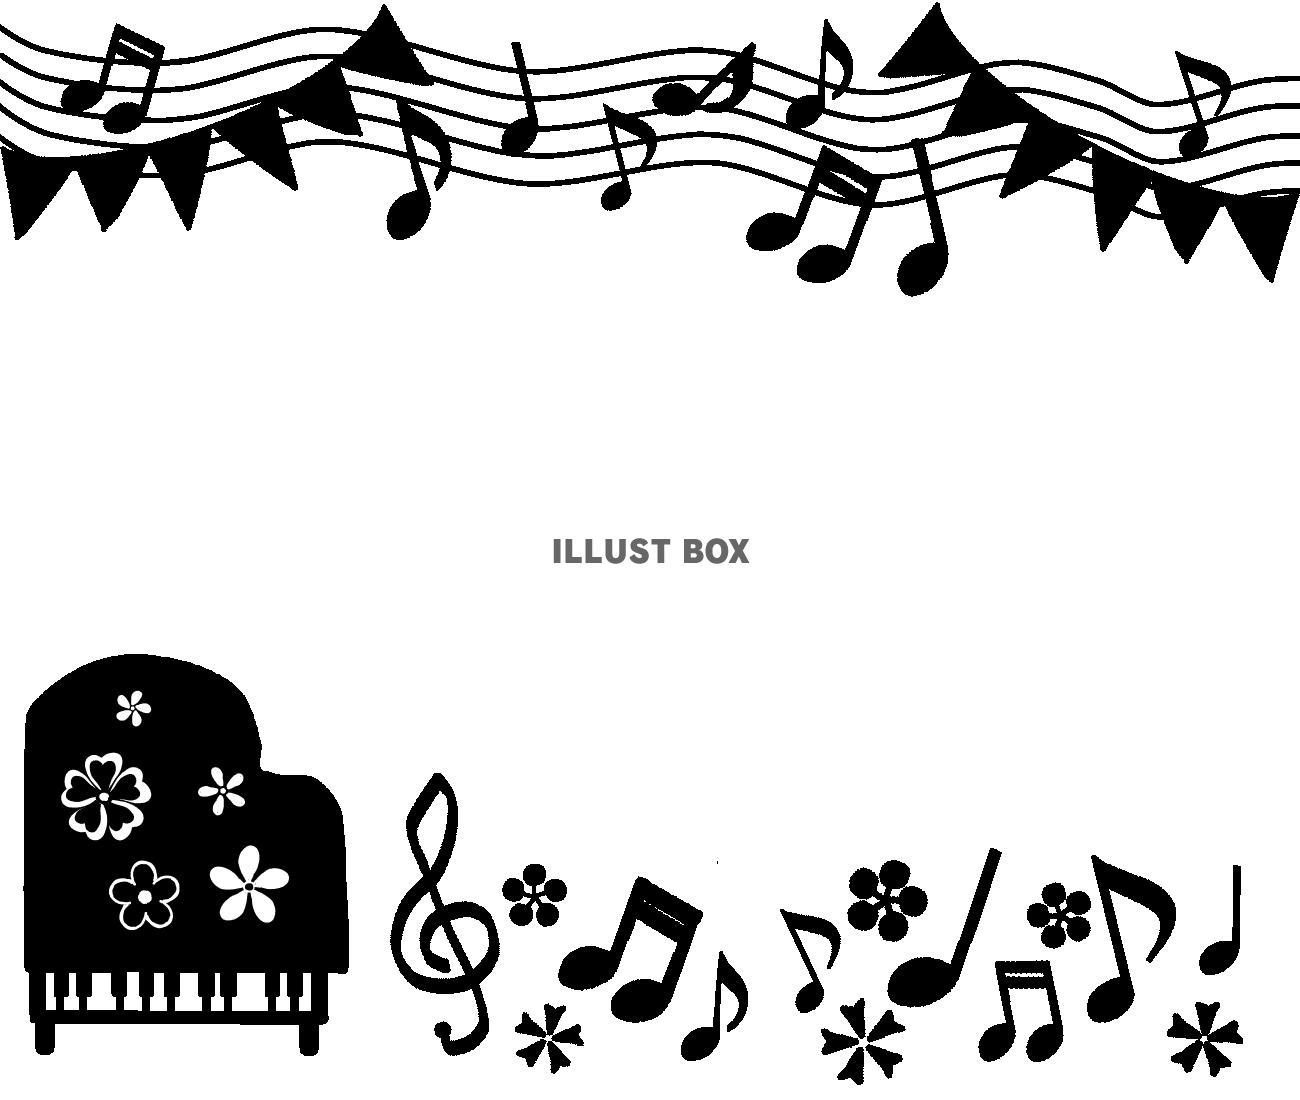 無料イラスト ピアノモノクロフレーム 透過png